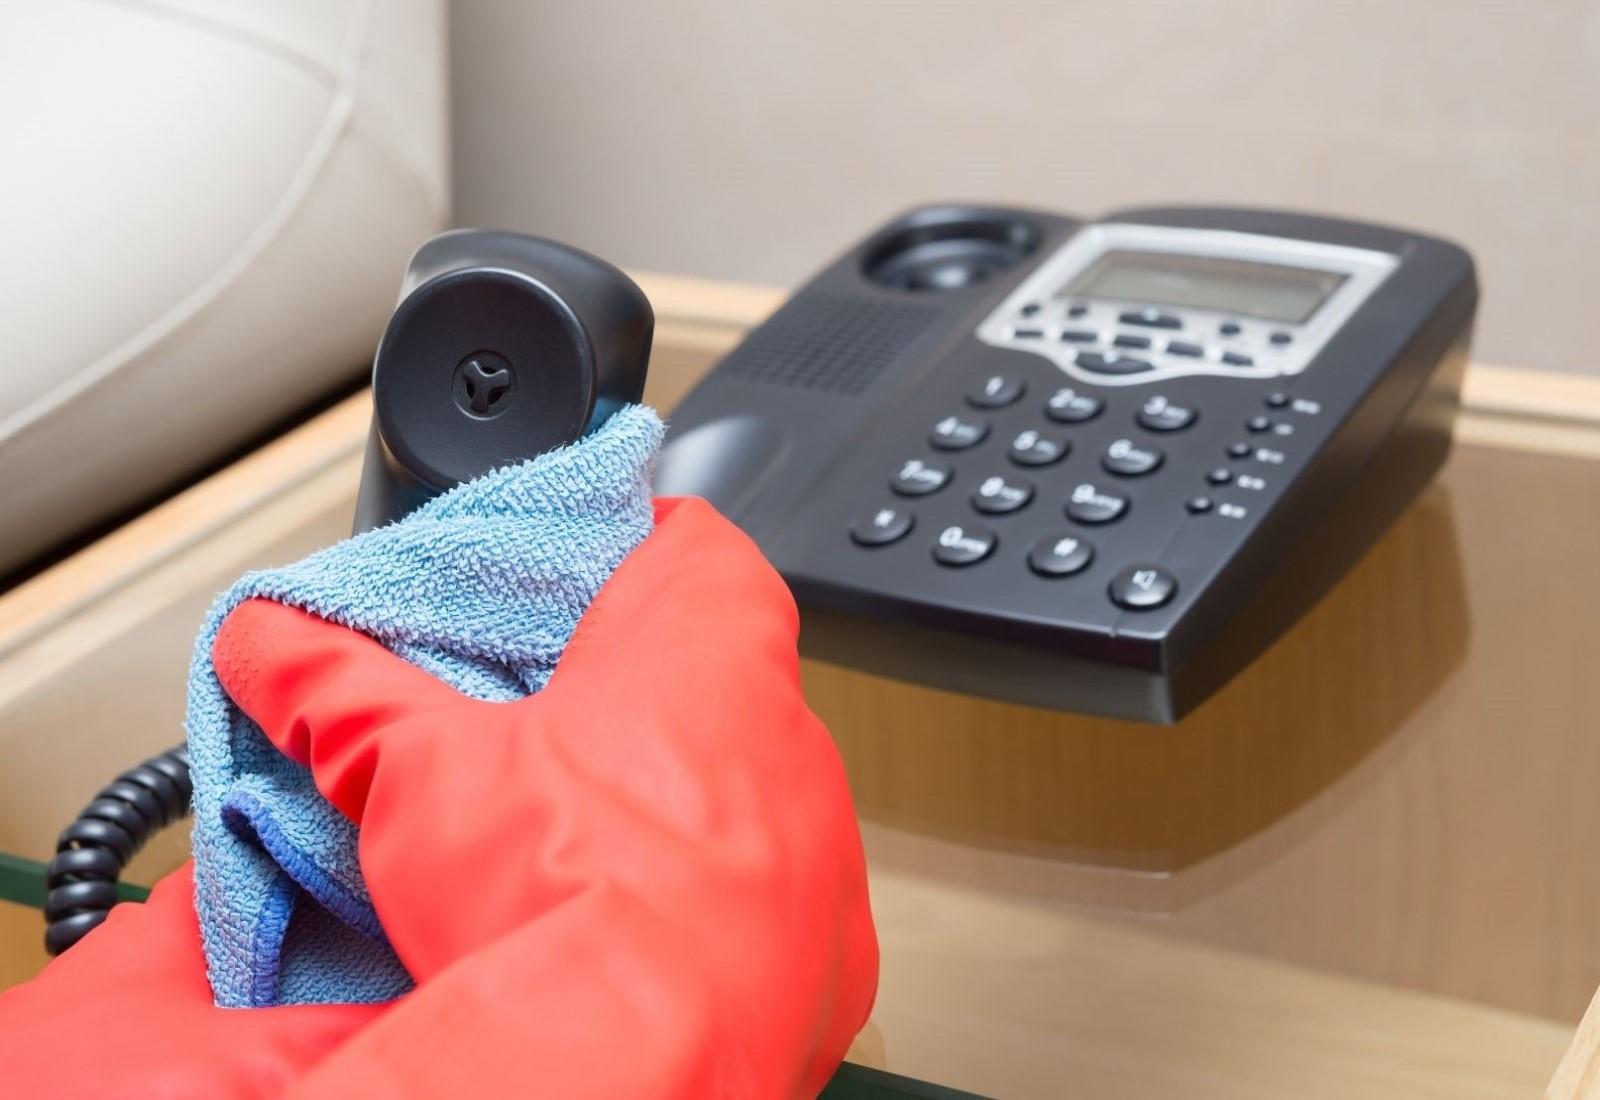 IT Hygiene clean computers phones sterilize